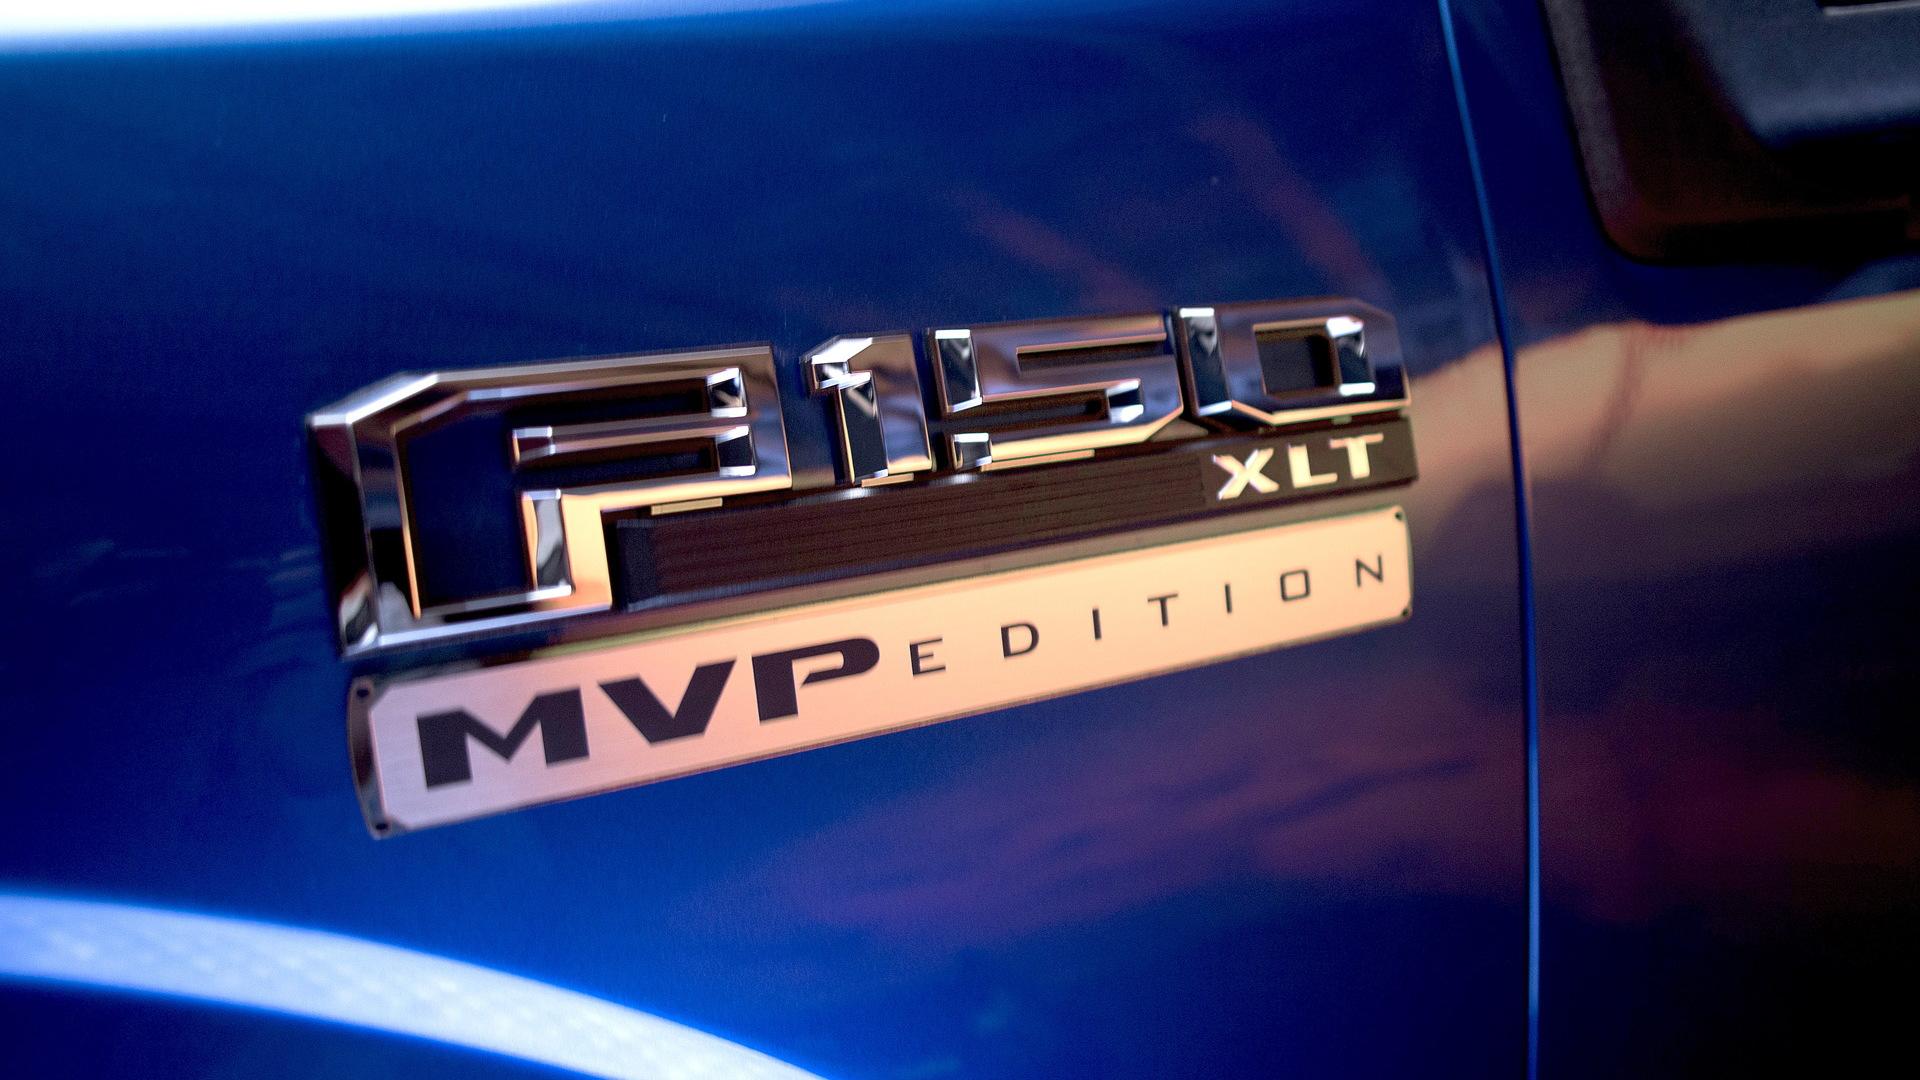 2016 Ford F-150 MVP